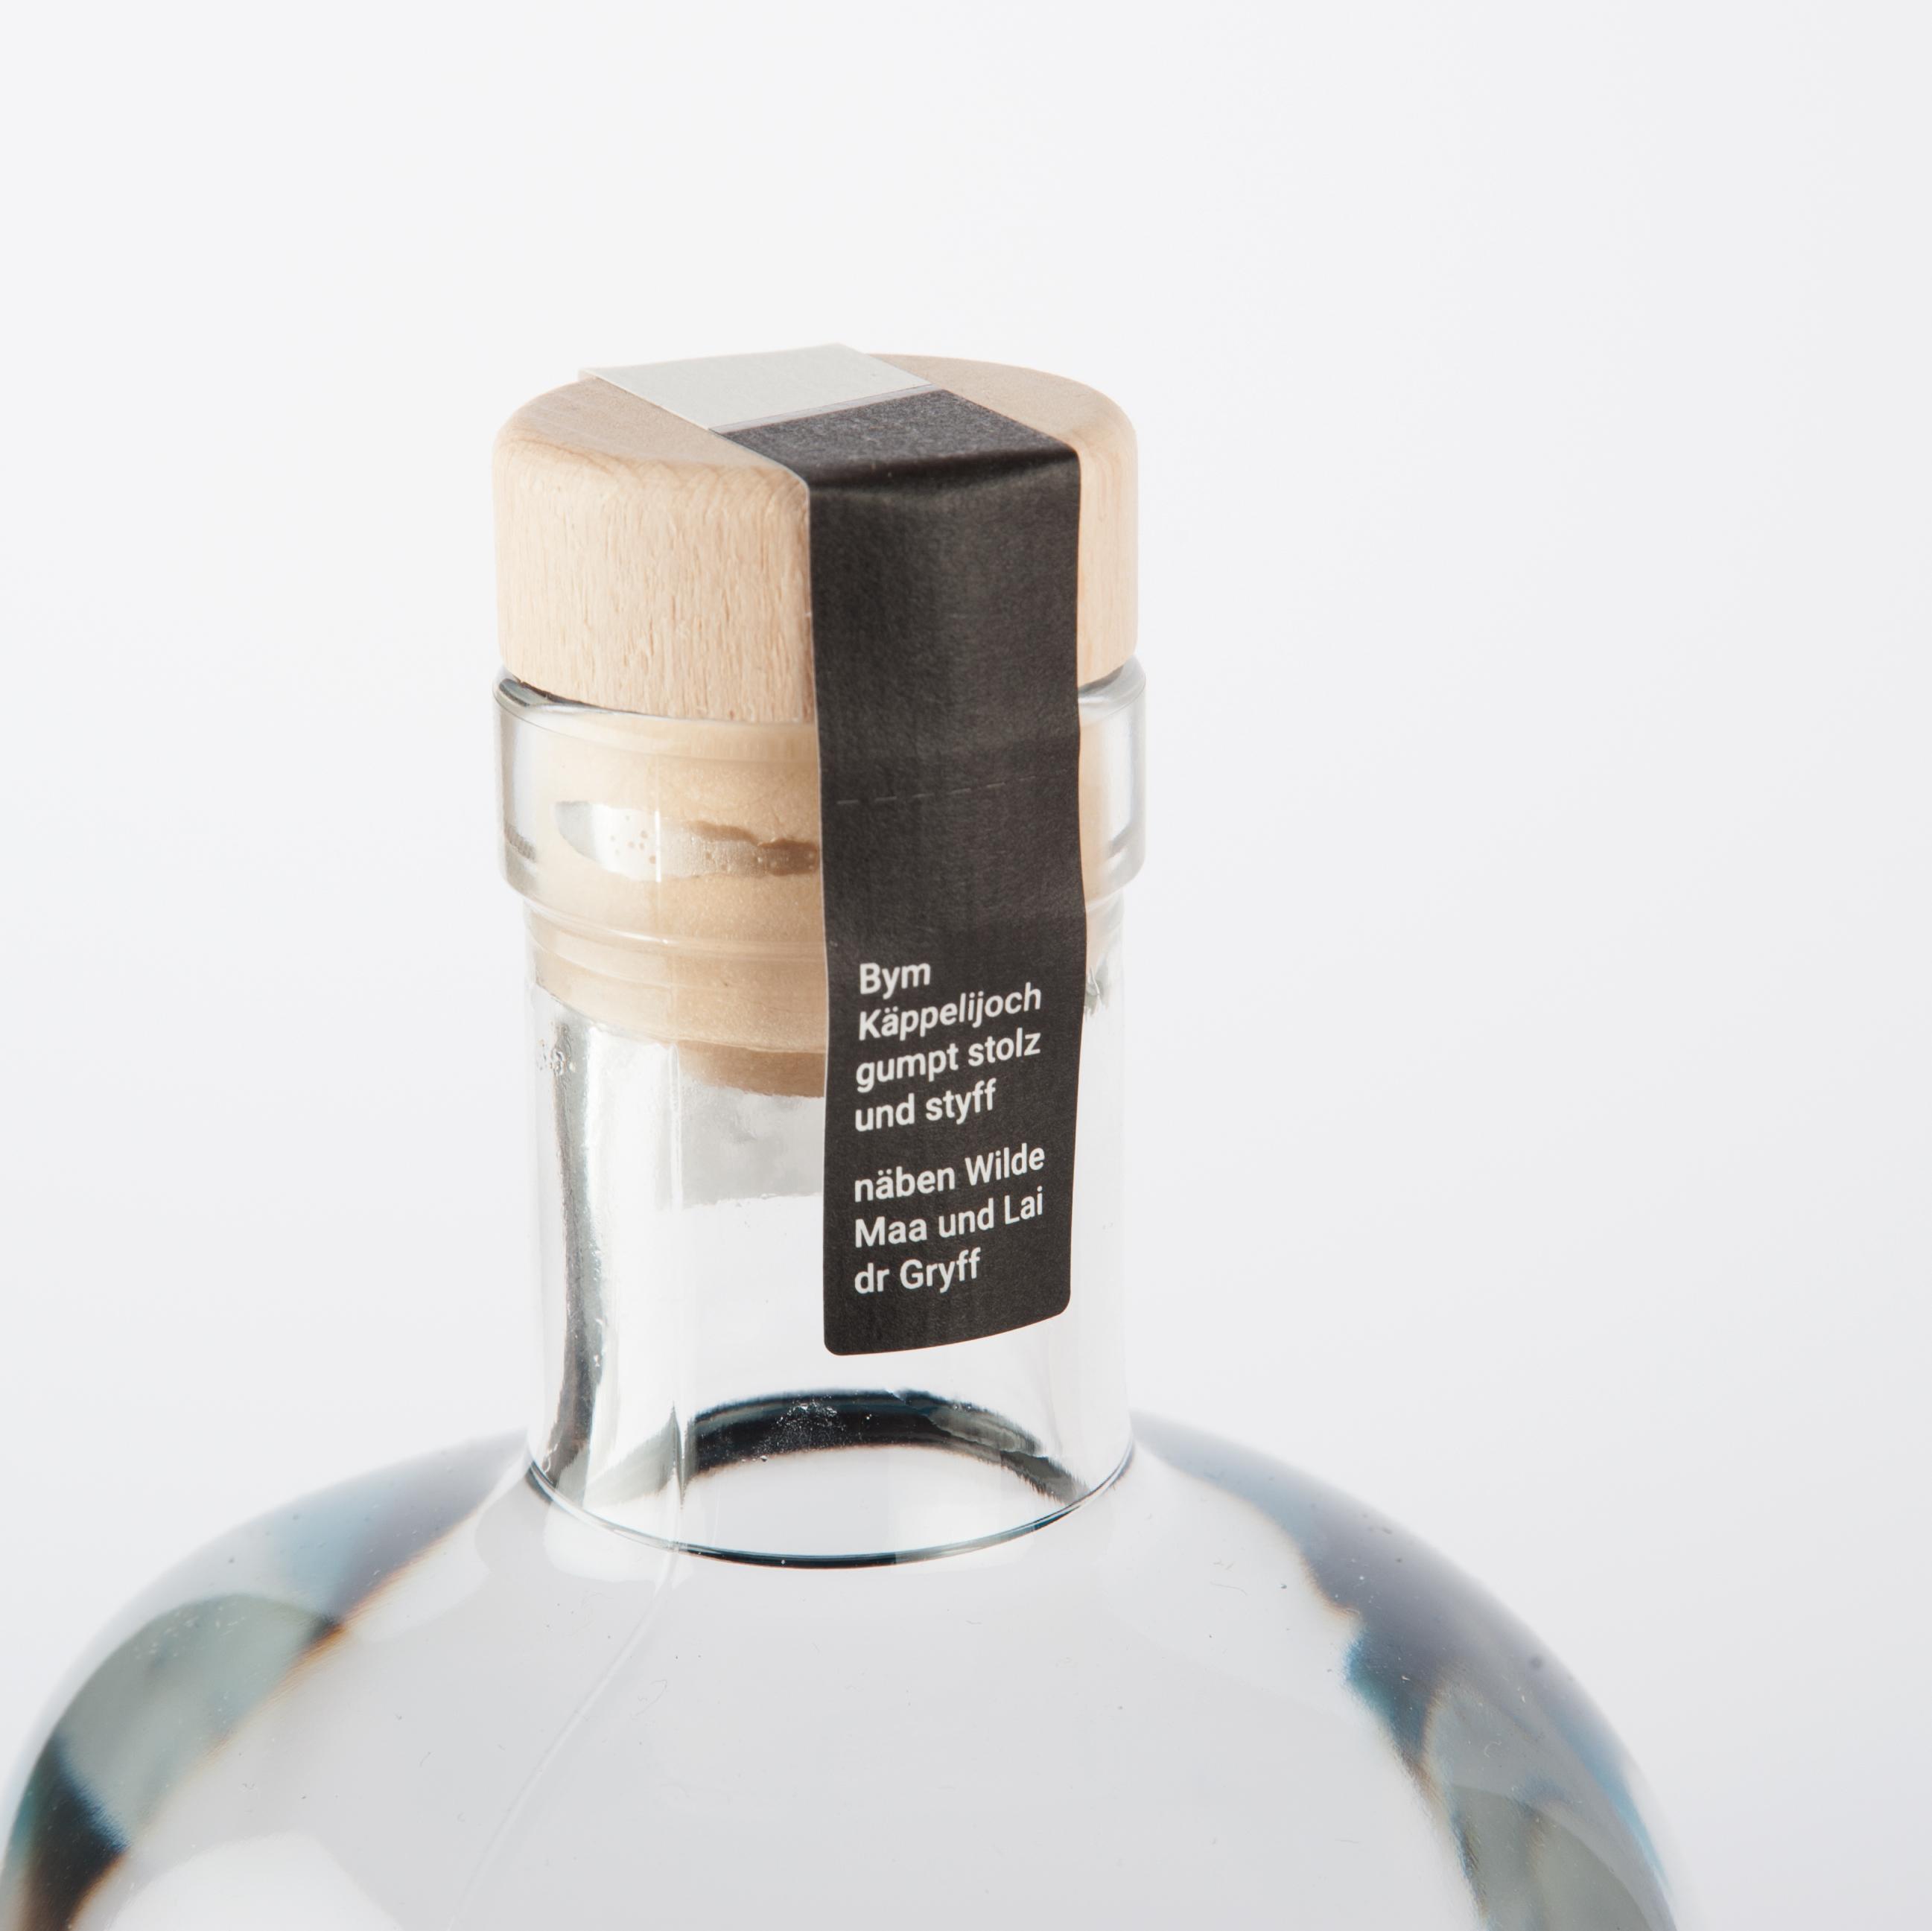 Gryff Gin Basel - schönes Detail